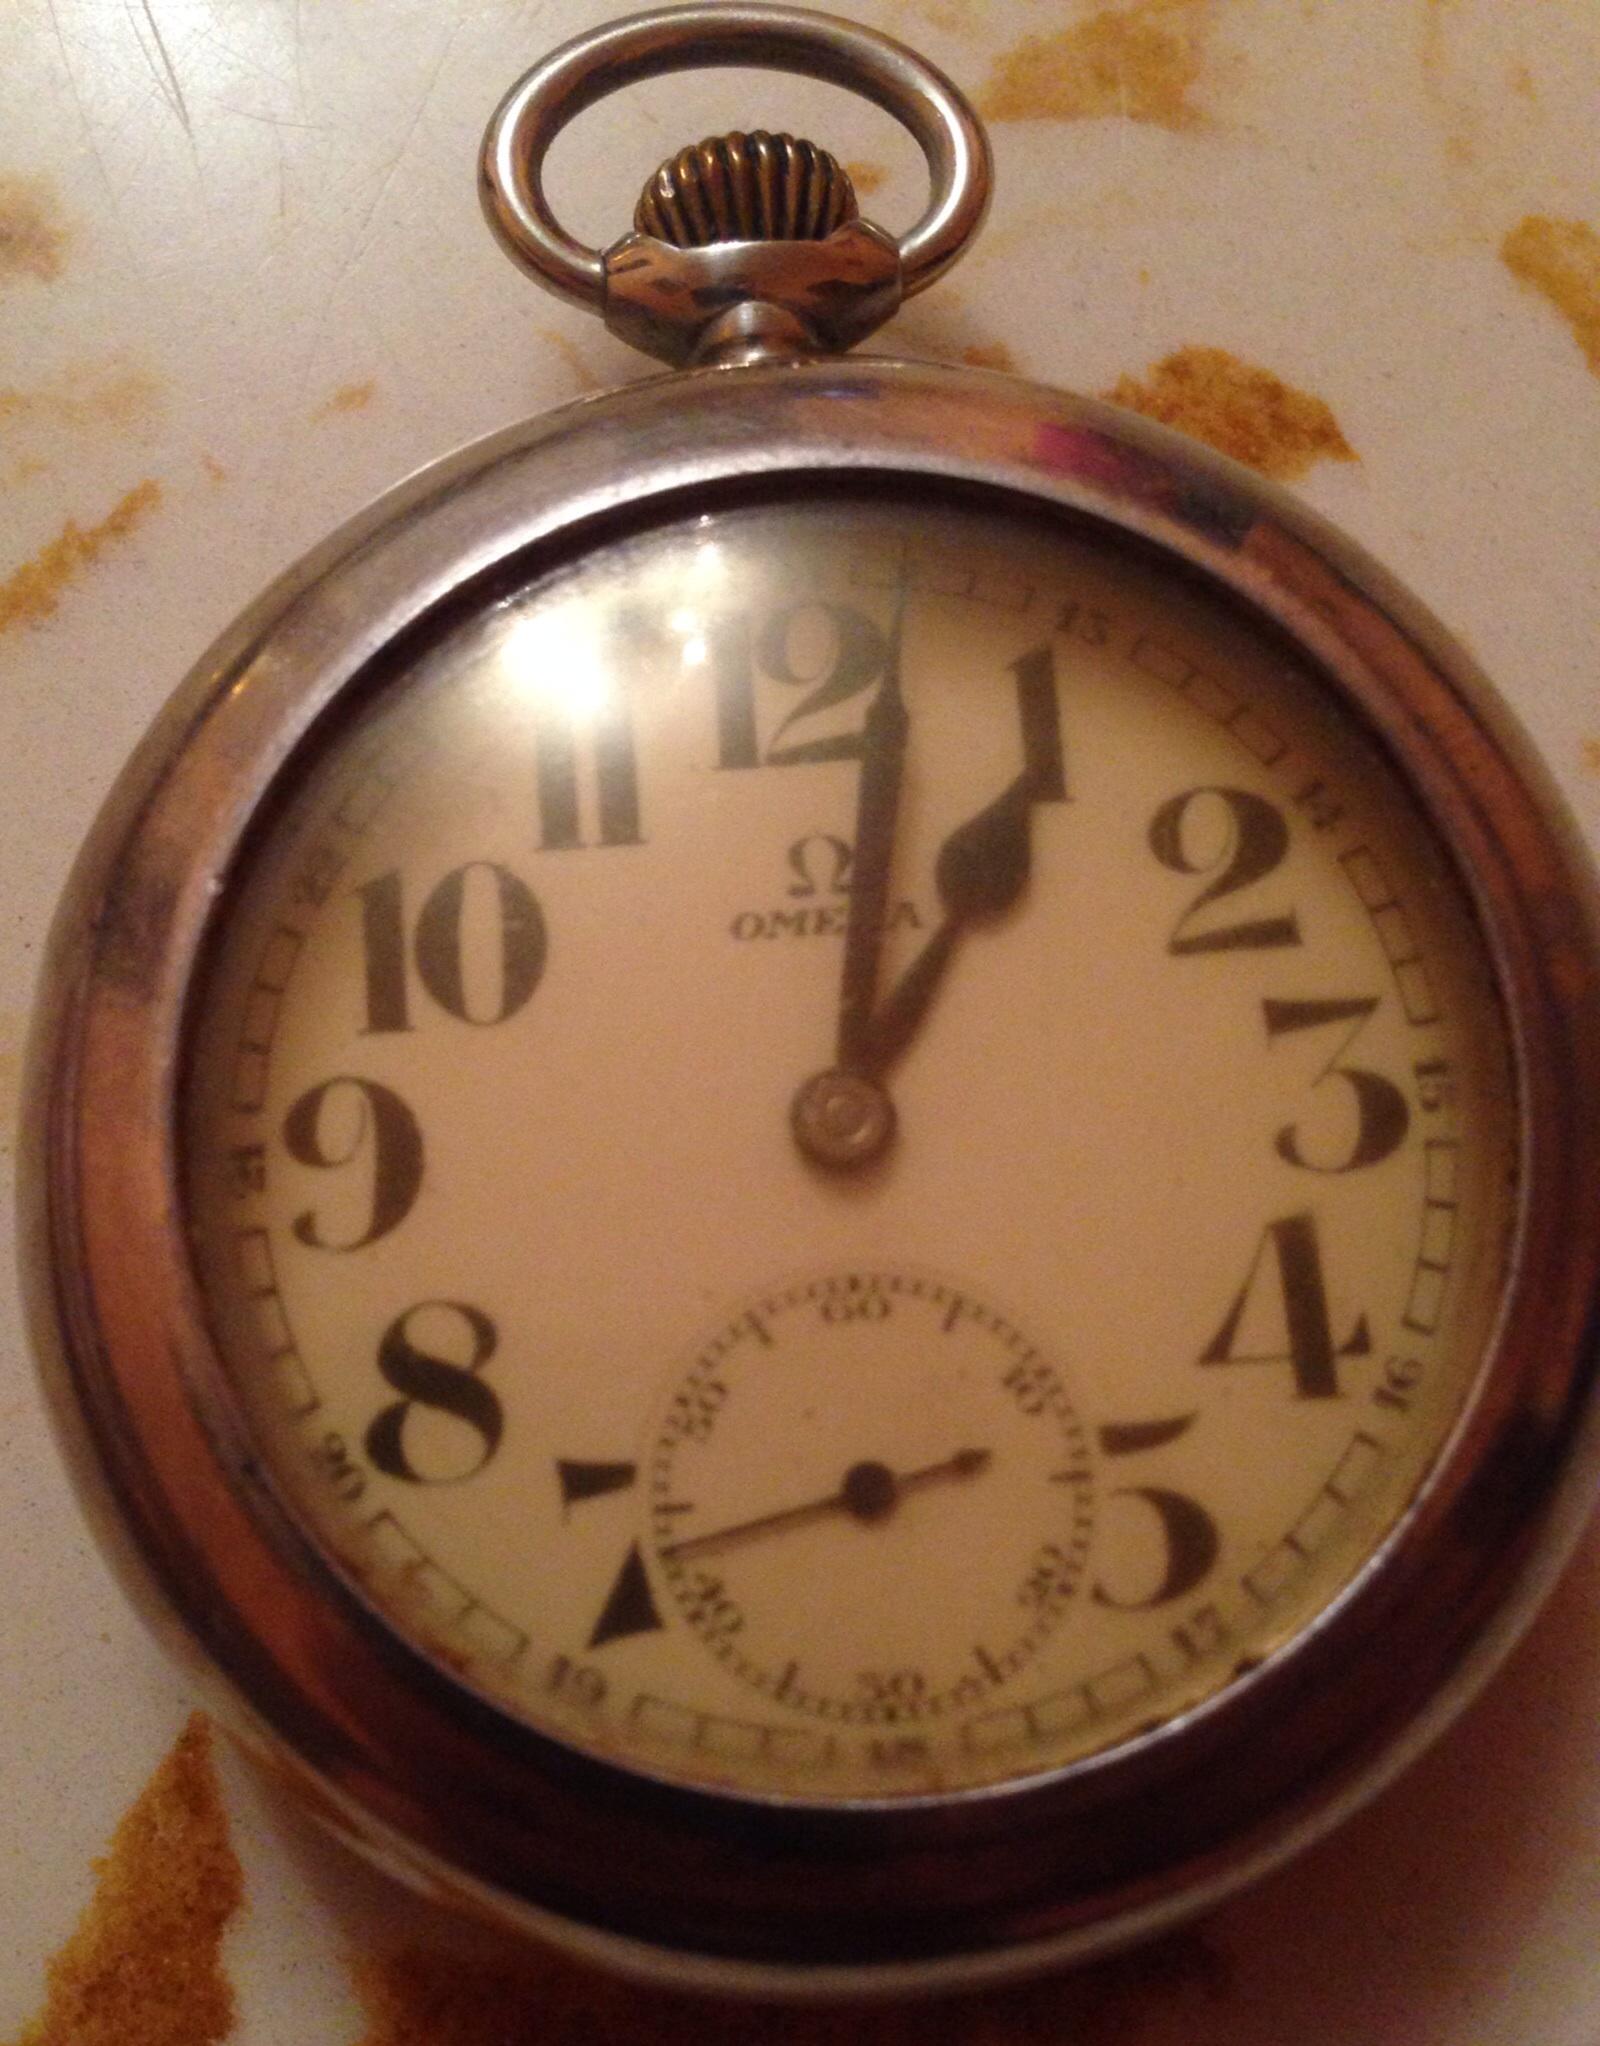 pomoc pri identifikacii omega - Starožitné a vreckové hodinky ... 4827111a05d